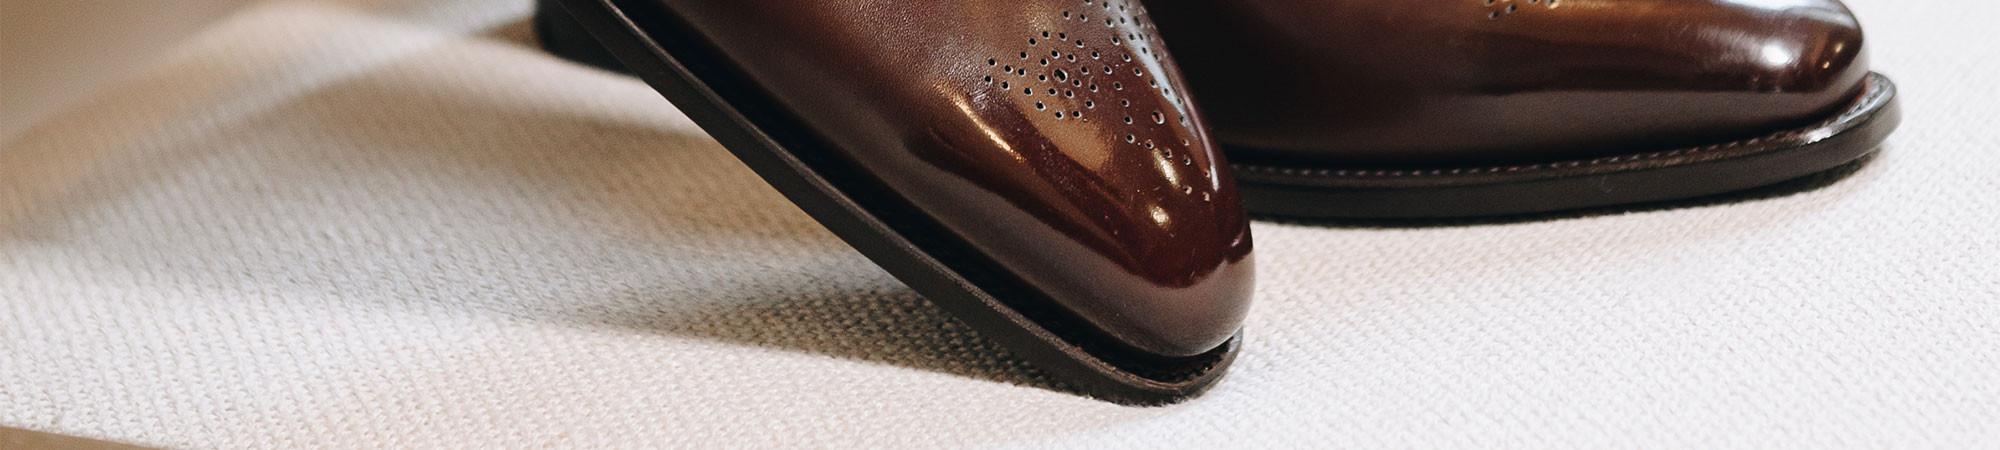 Chaussures haut de gamme pour homme - Emling Couture